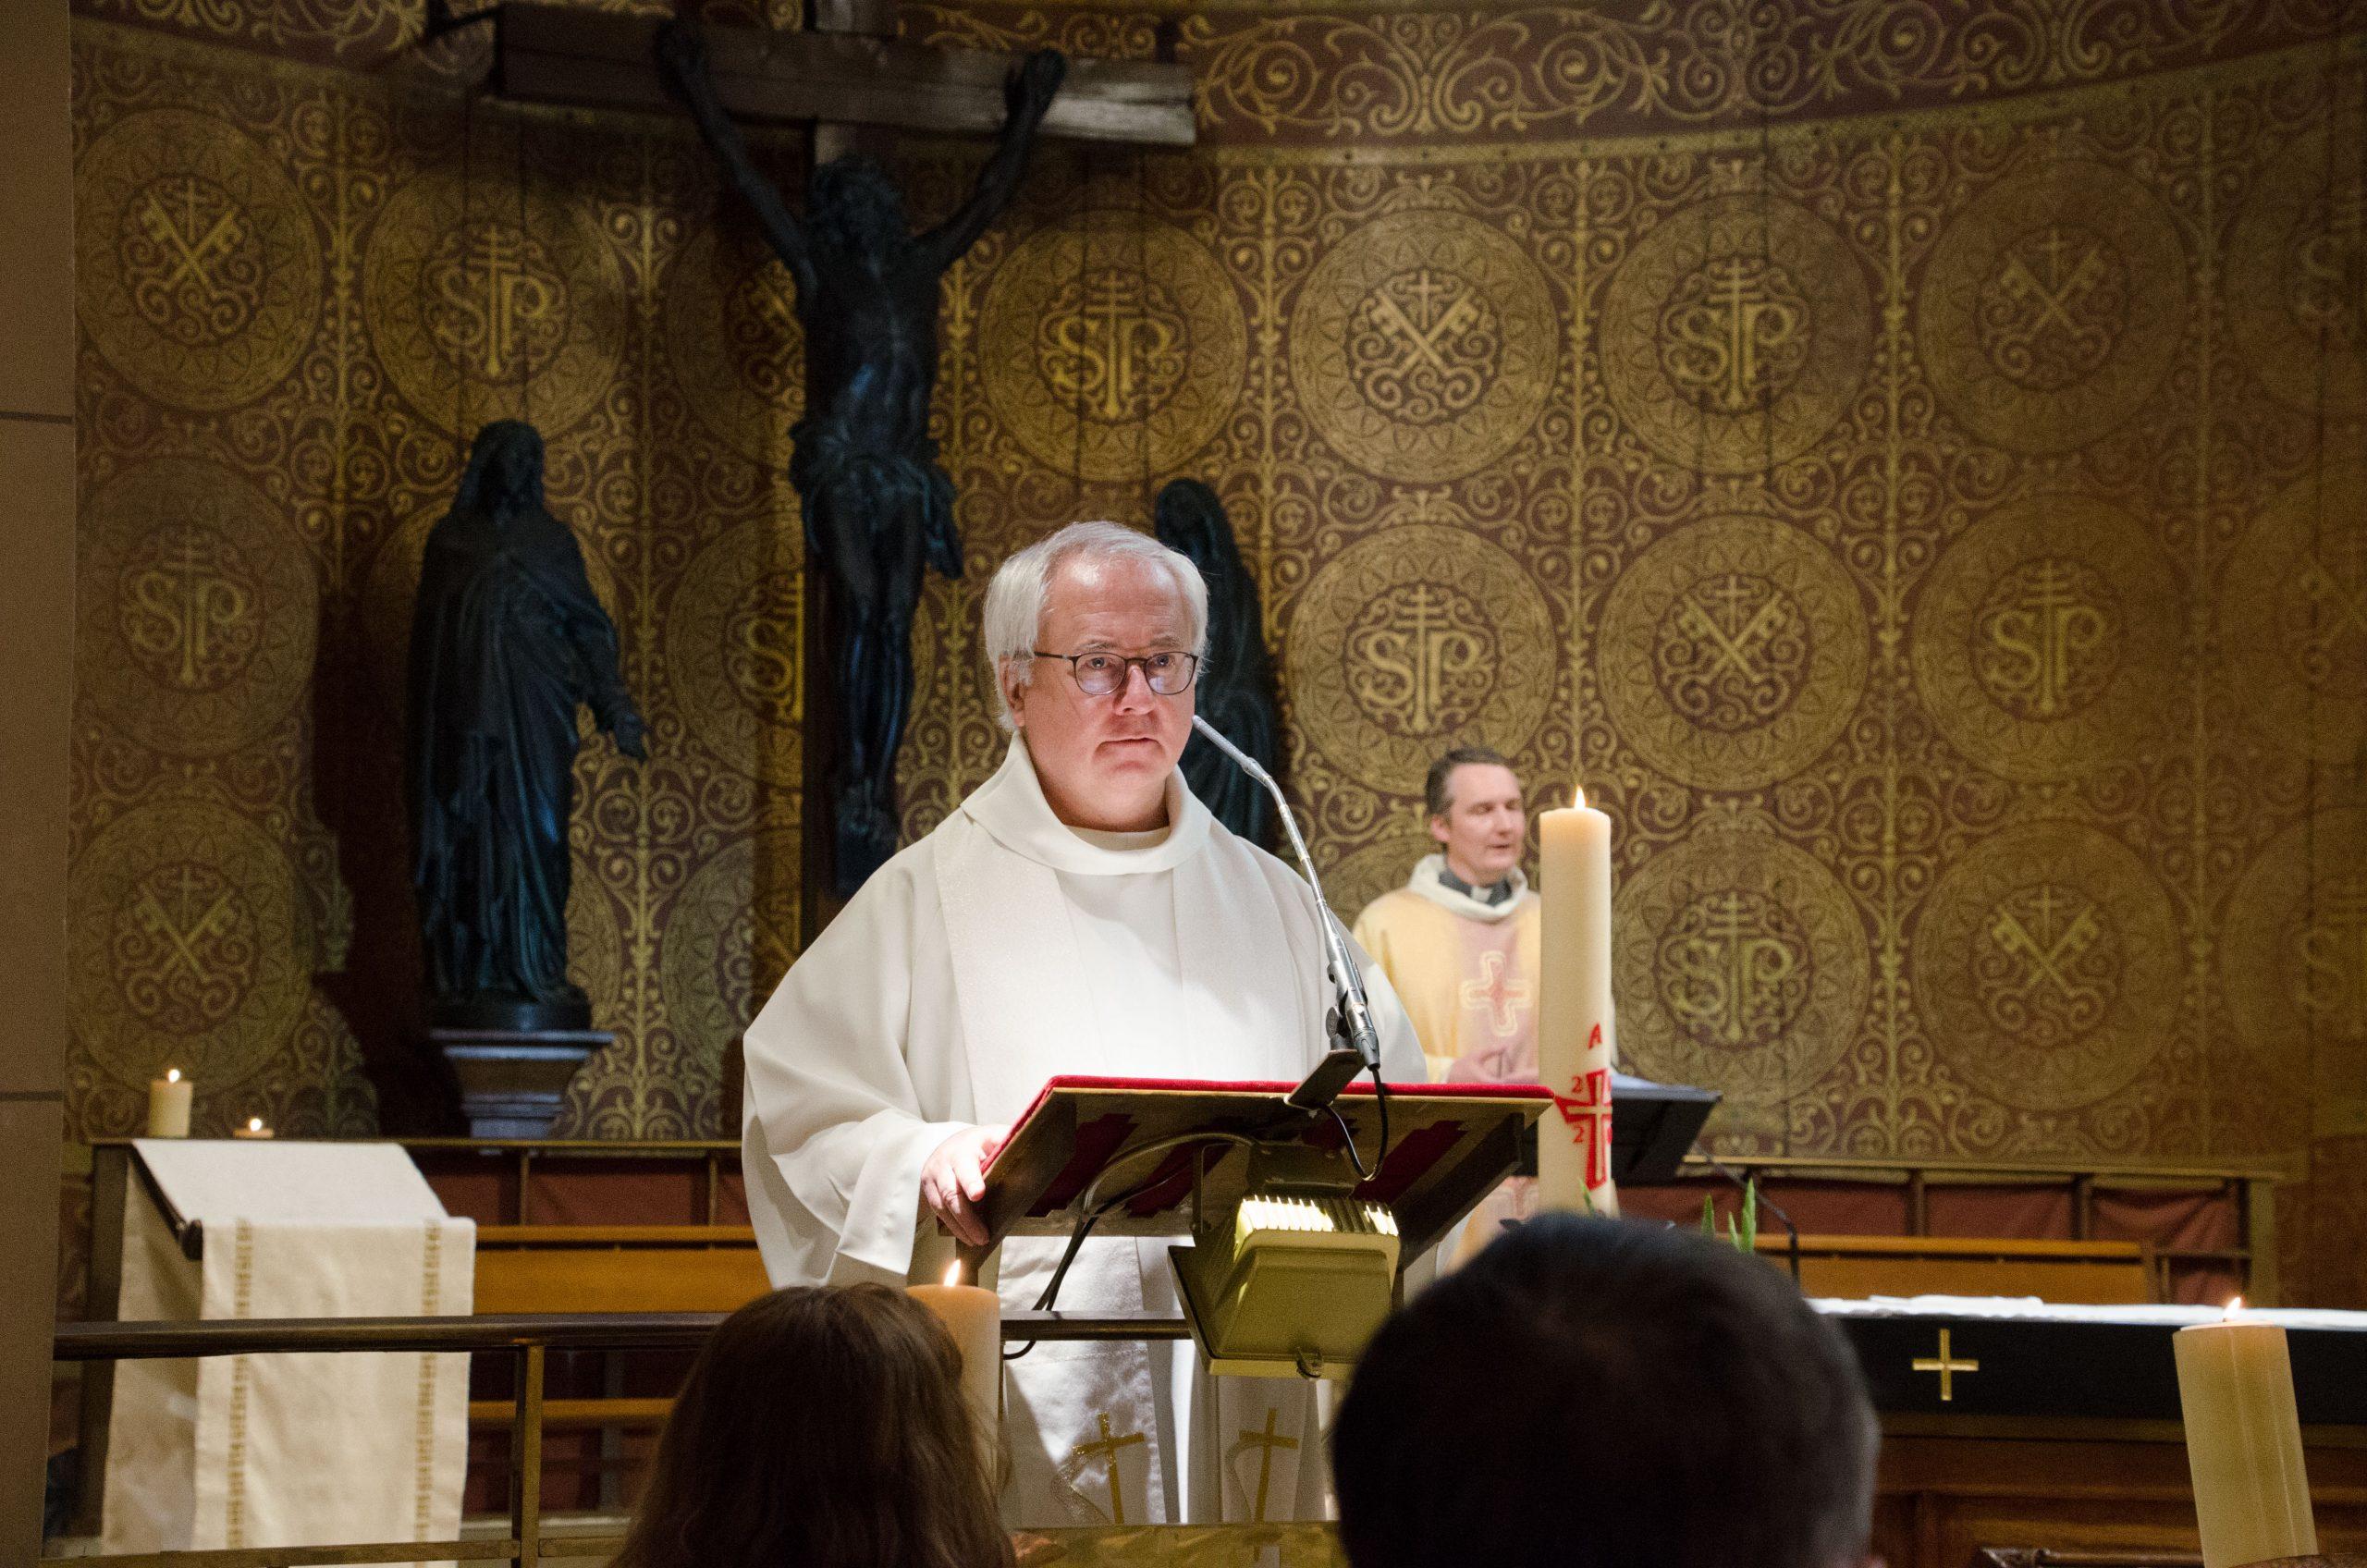 1er Novembre : Fête de la Toussaint. Homélie du Père Marc Dumoulin, vicaire.